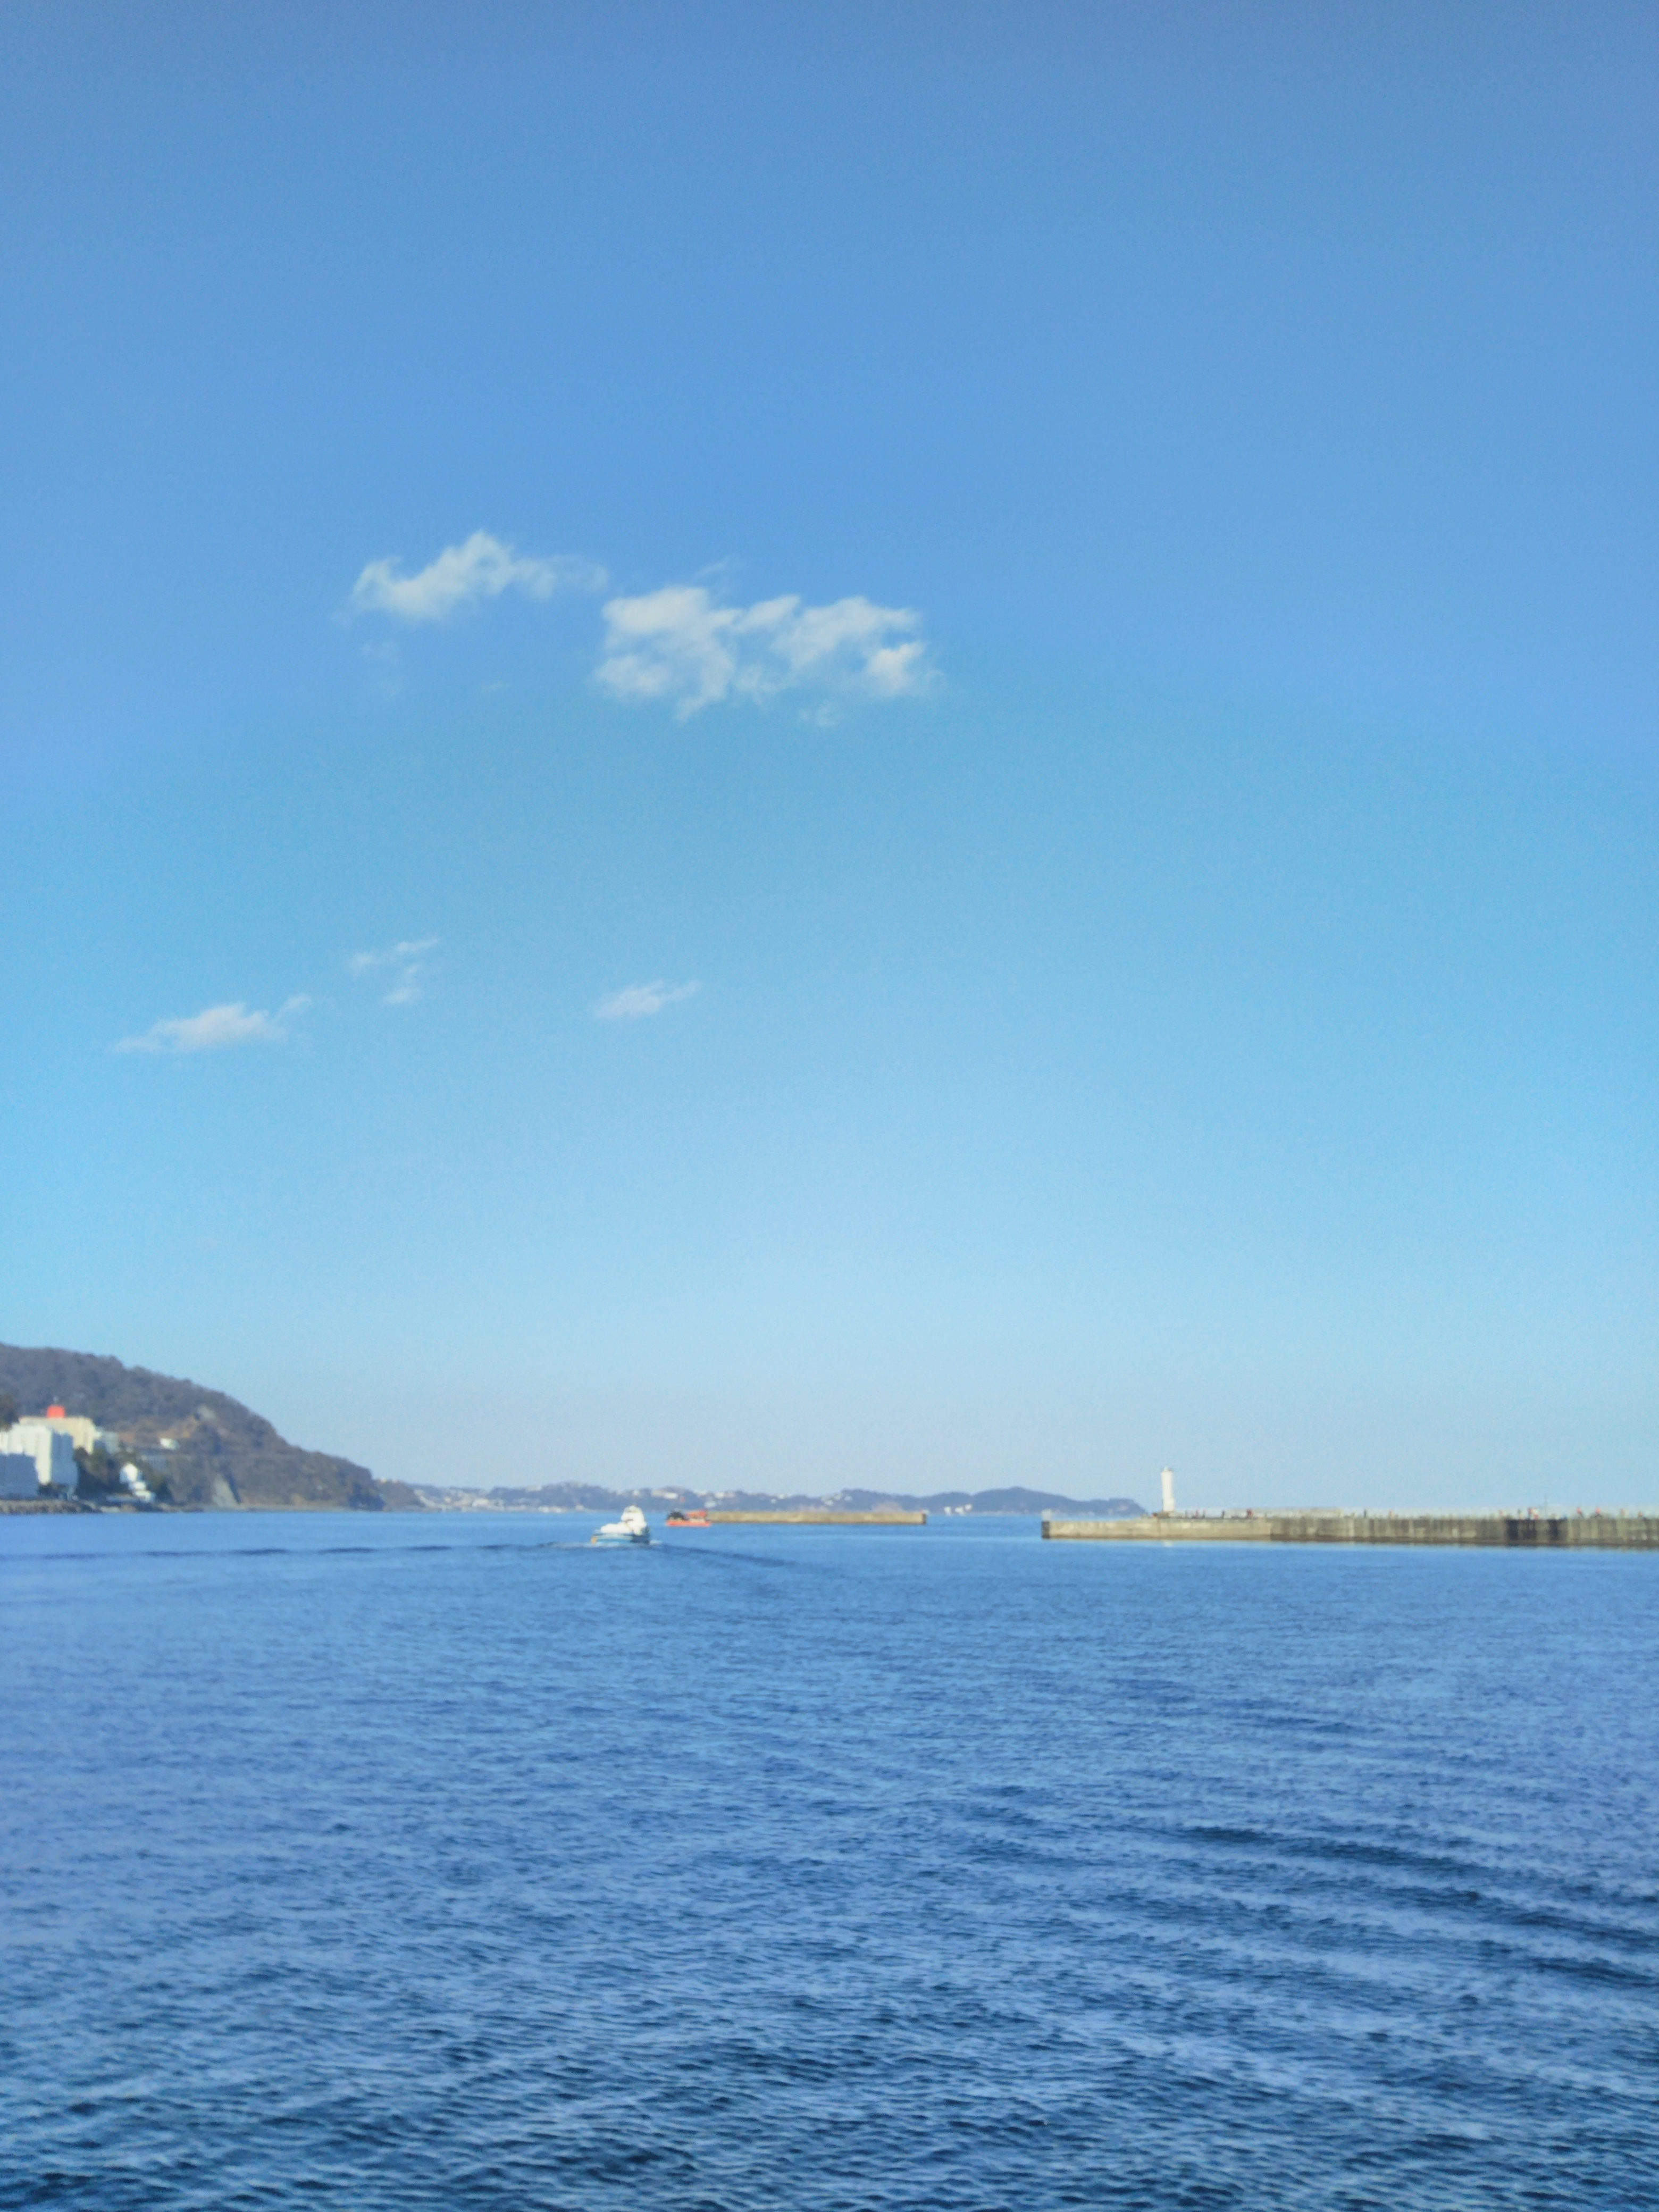 熱海港でプラッキングメバル ナダ(nadar)コリー ぺ様からのインプレレポ!